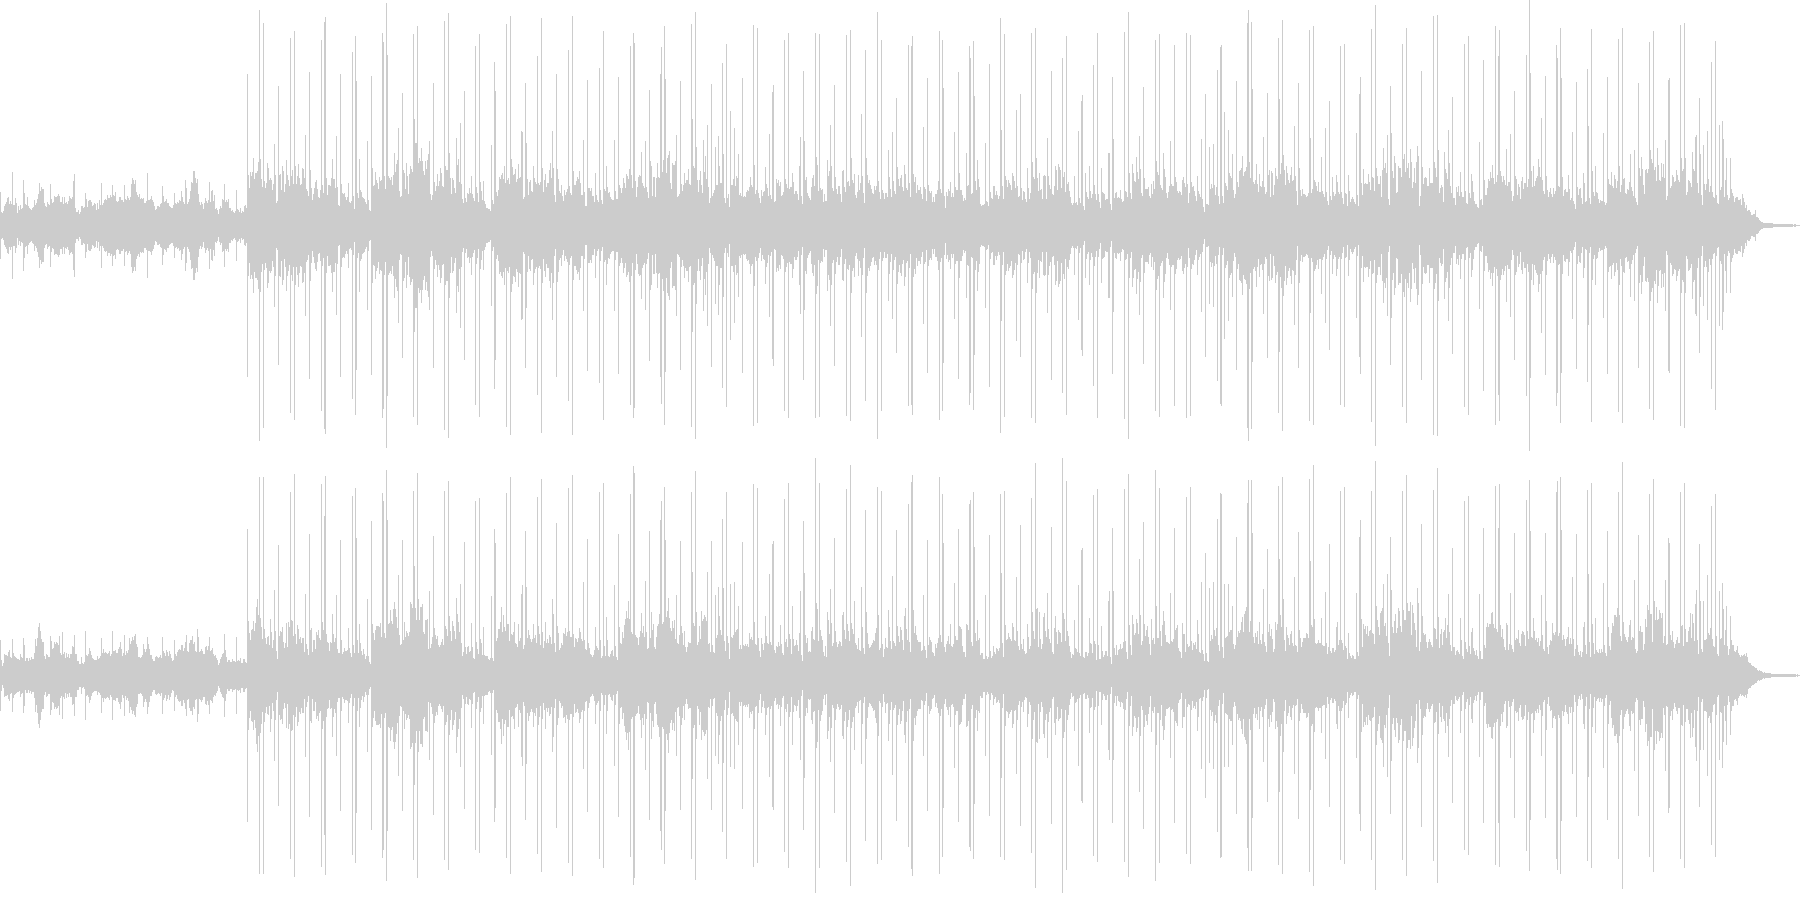 ボサノヴァ調 スローな曲 の未再生の波形